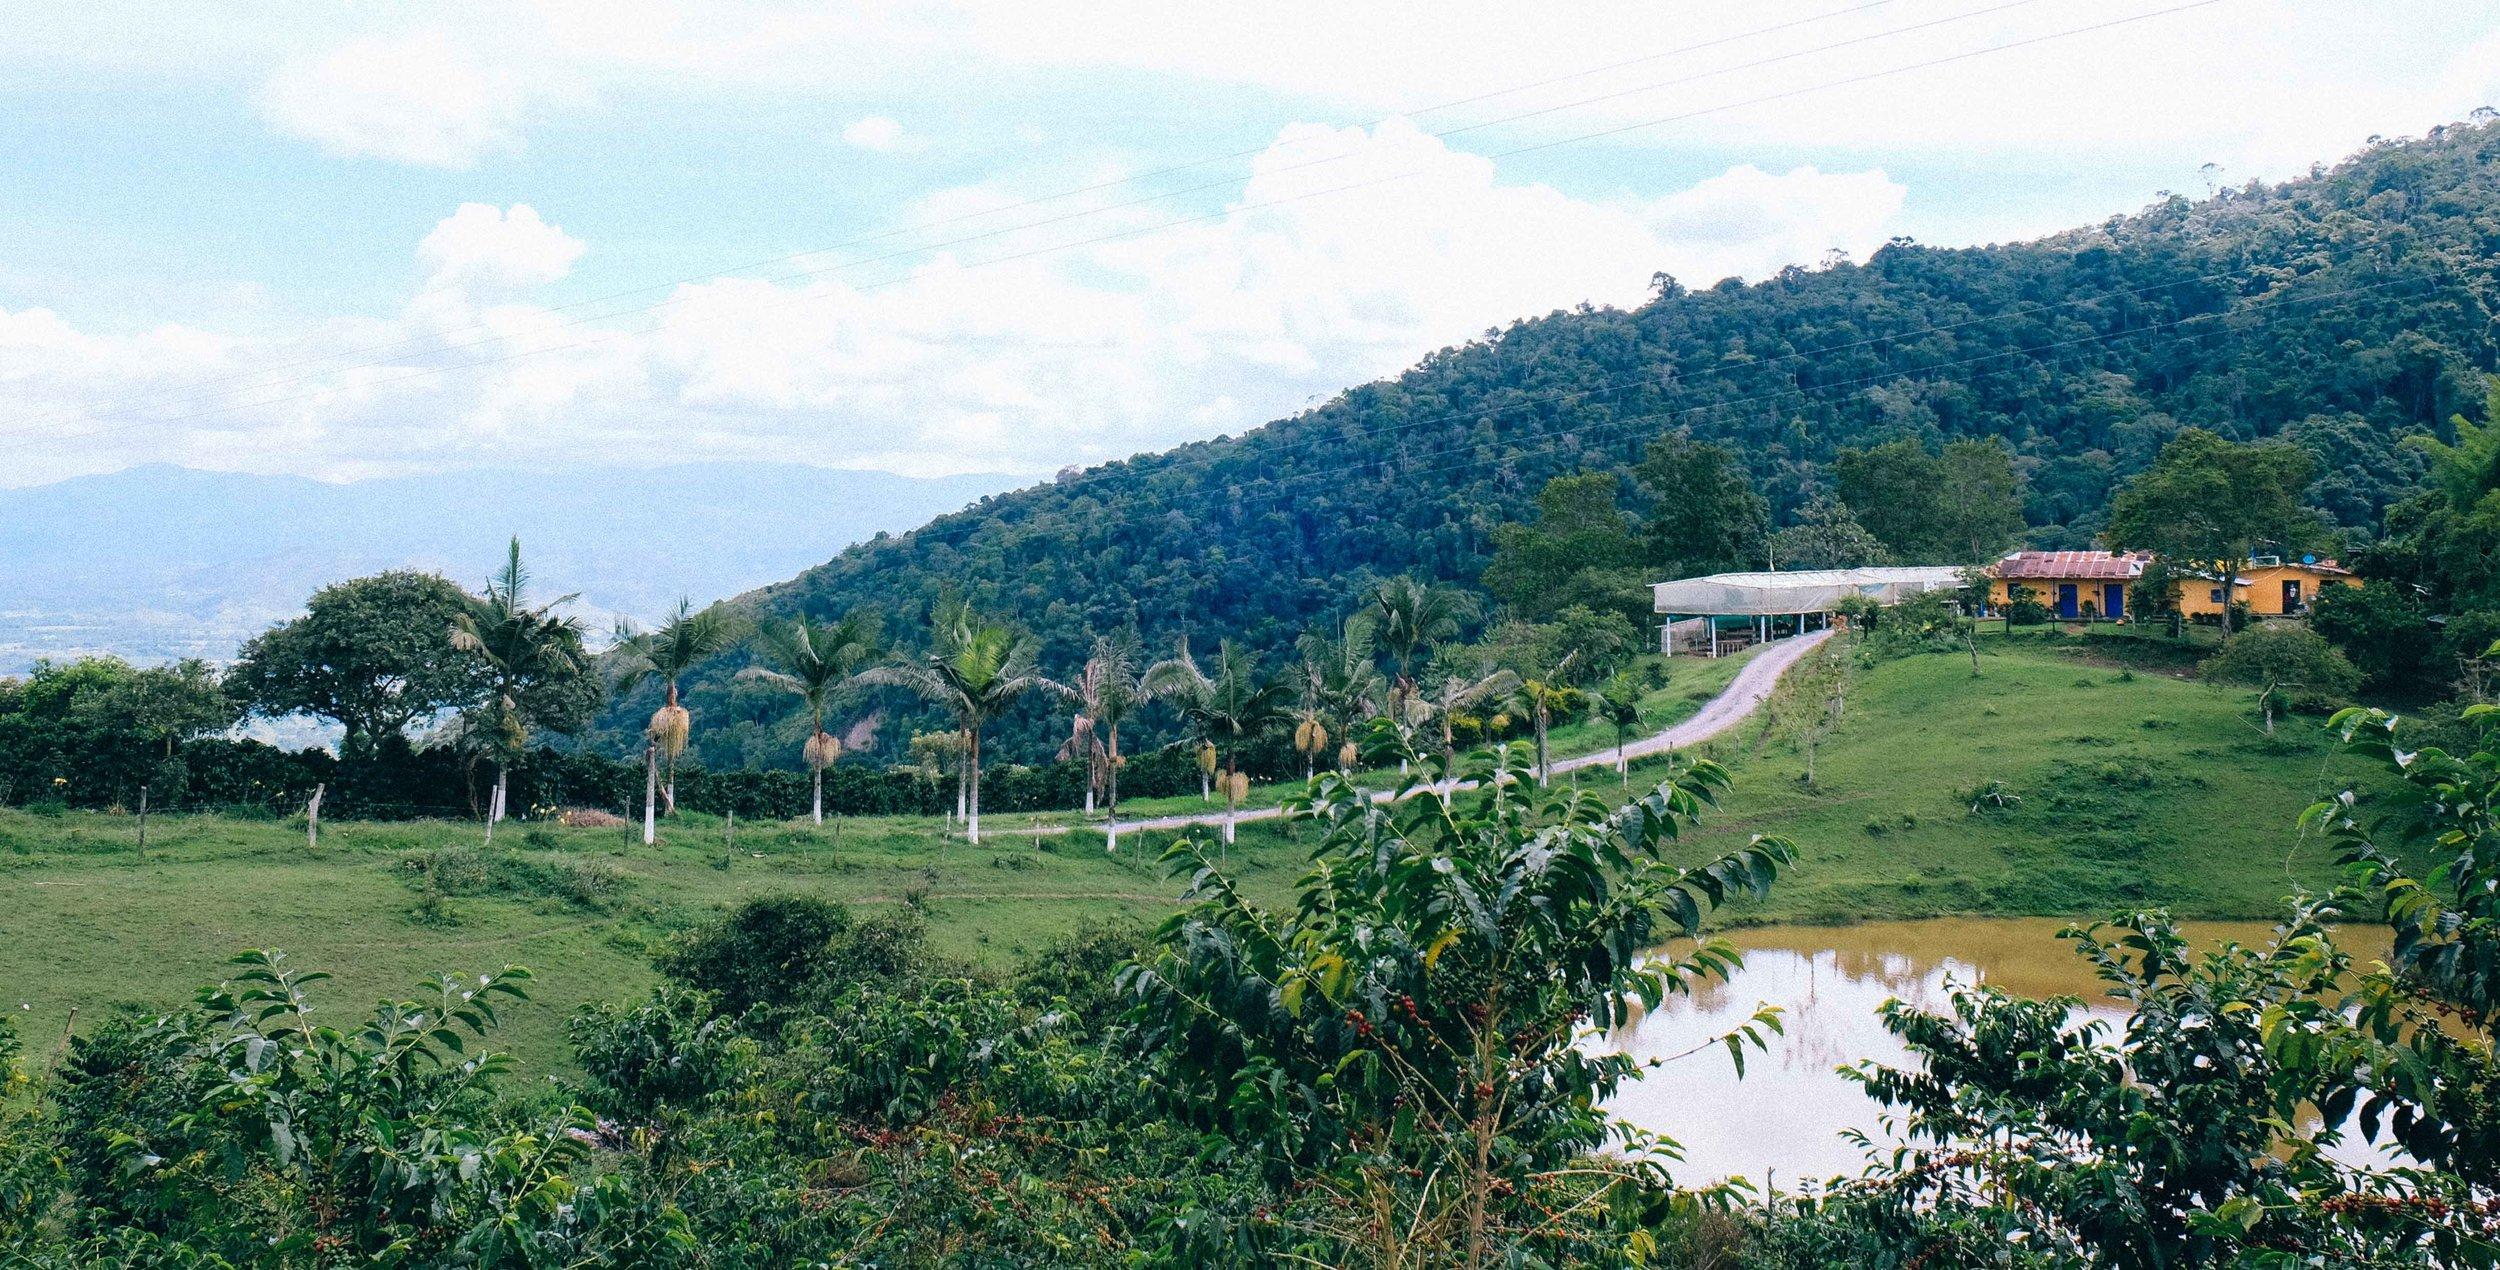 Road to El Mirador.